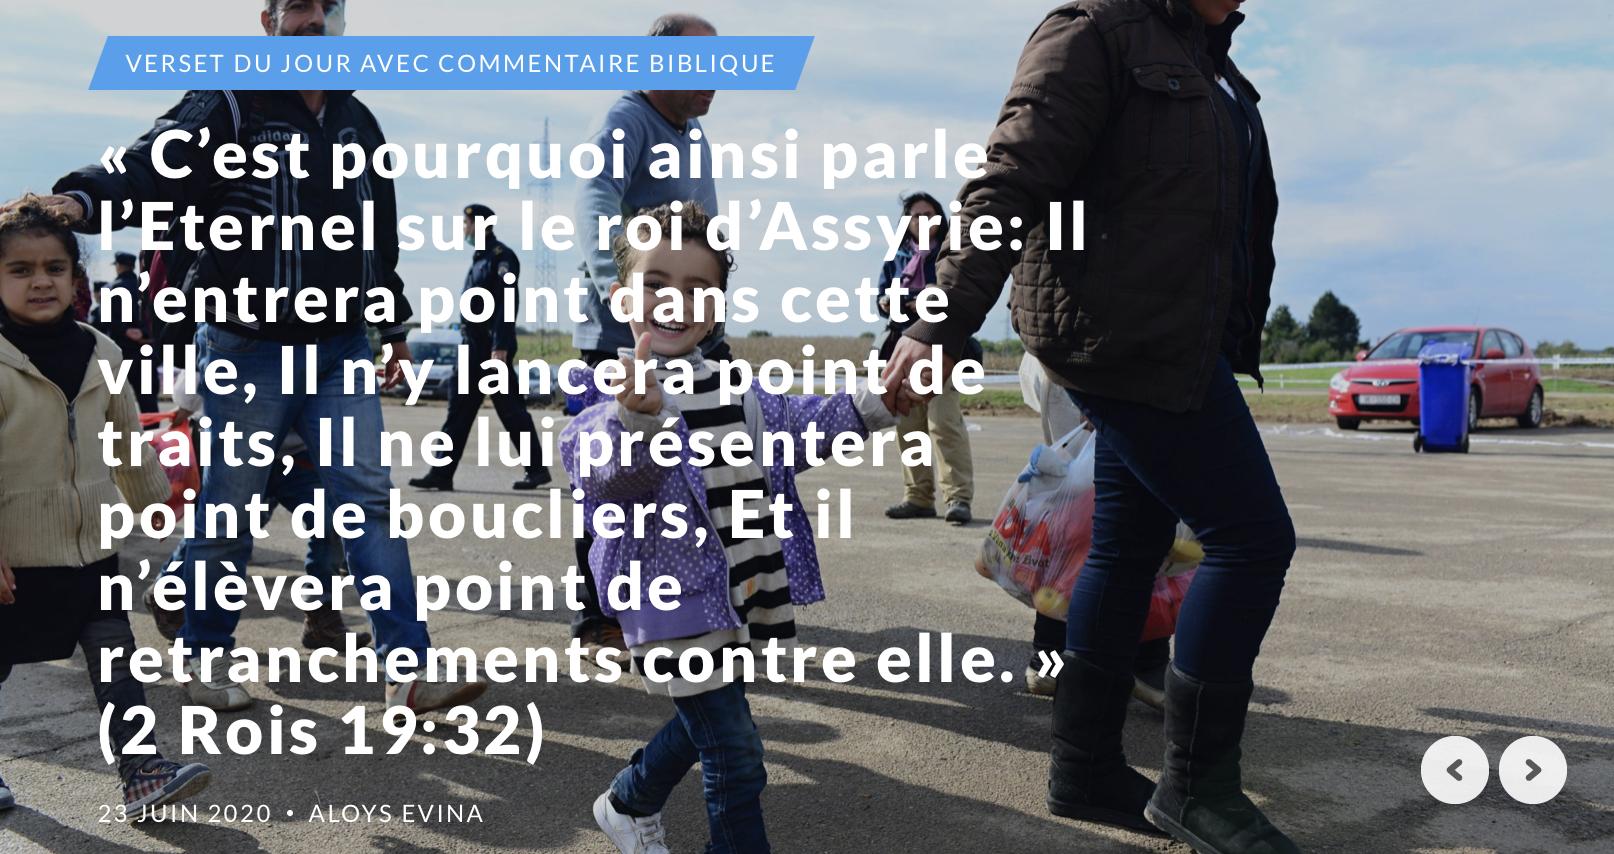 """""""C'est pourquoi ainsi parle l'Eternel sur le roi d'Assyrie: Il n'entrera point dans cette ville, Il n'y lancera point de traits, Il ne lui présentera point de boucliers, Et il n'élèvera point de retranchements contre elle."""" (2 Rois 19:32)"""